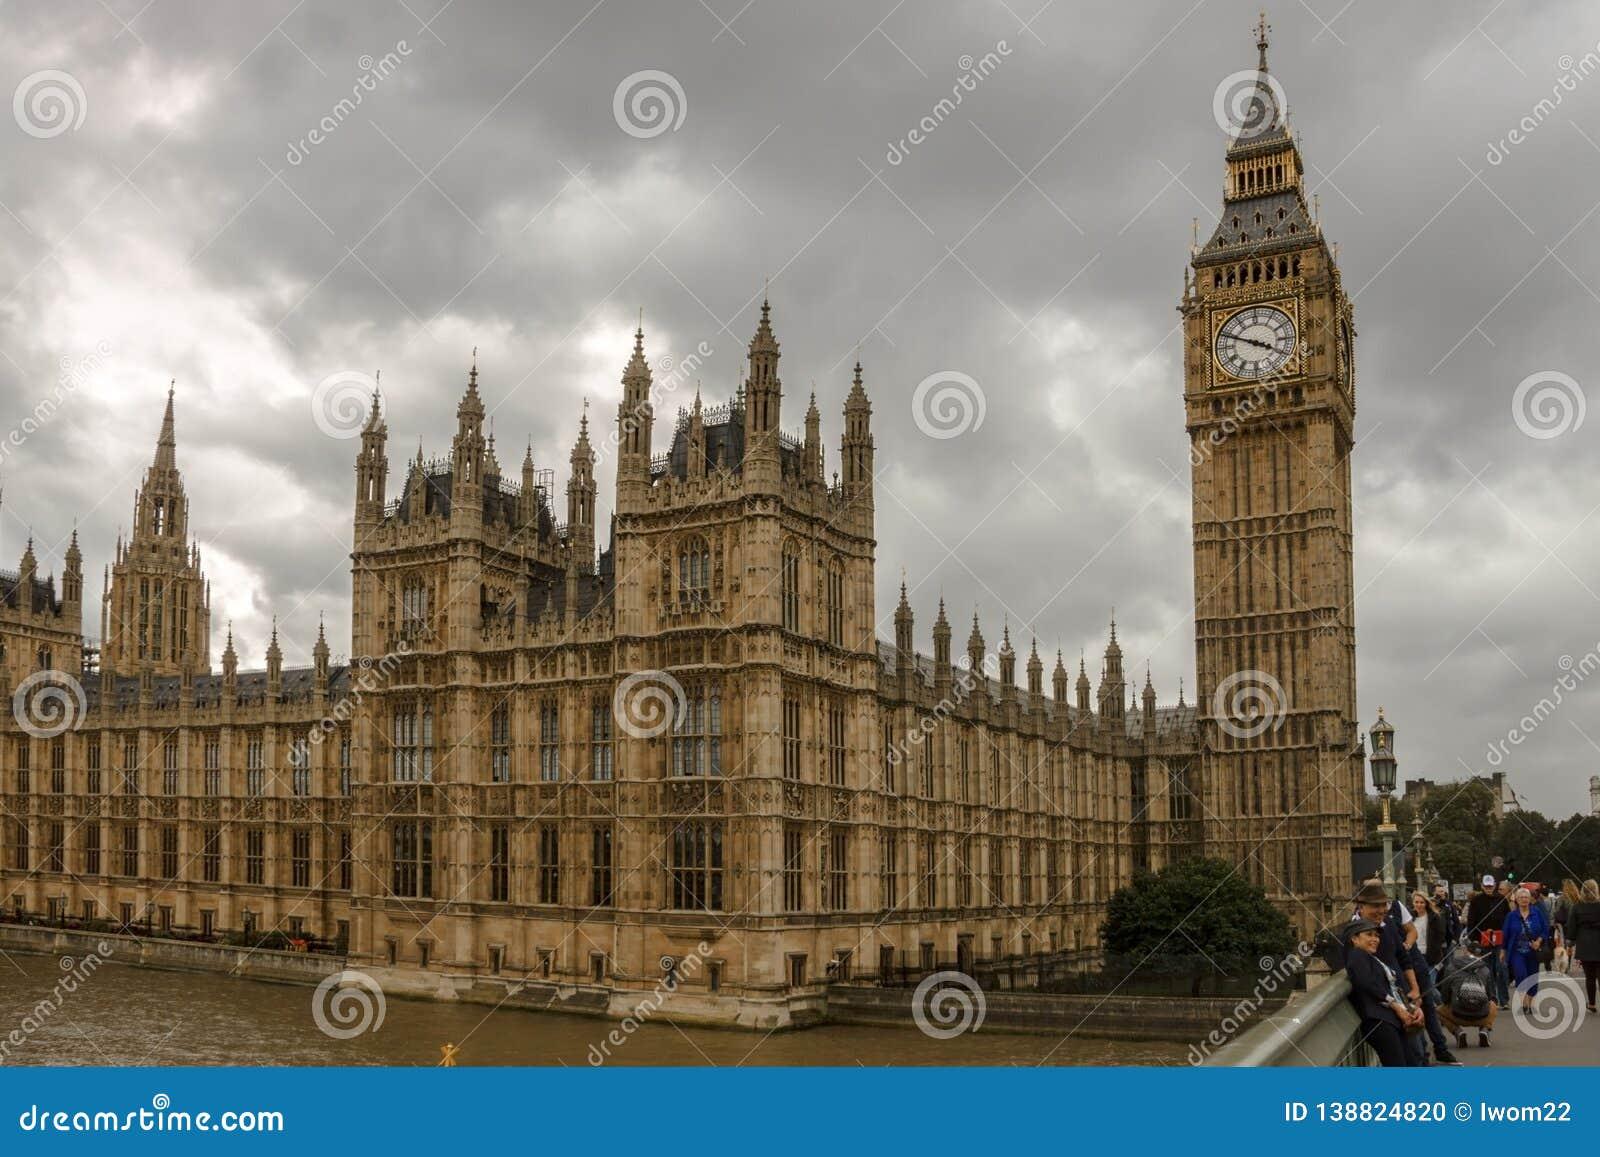 宫殿威斯敏斯特 英国伦敦英国